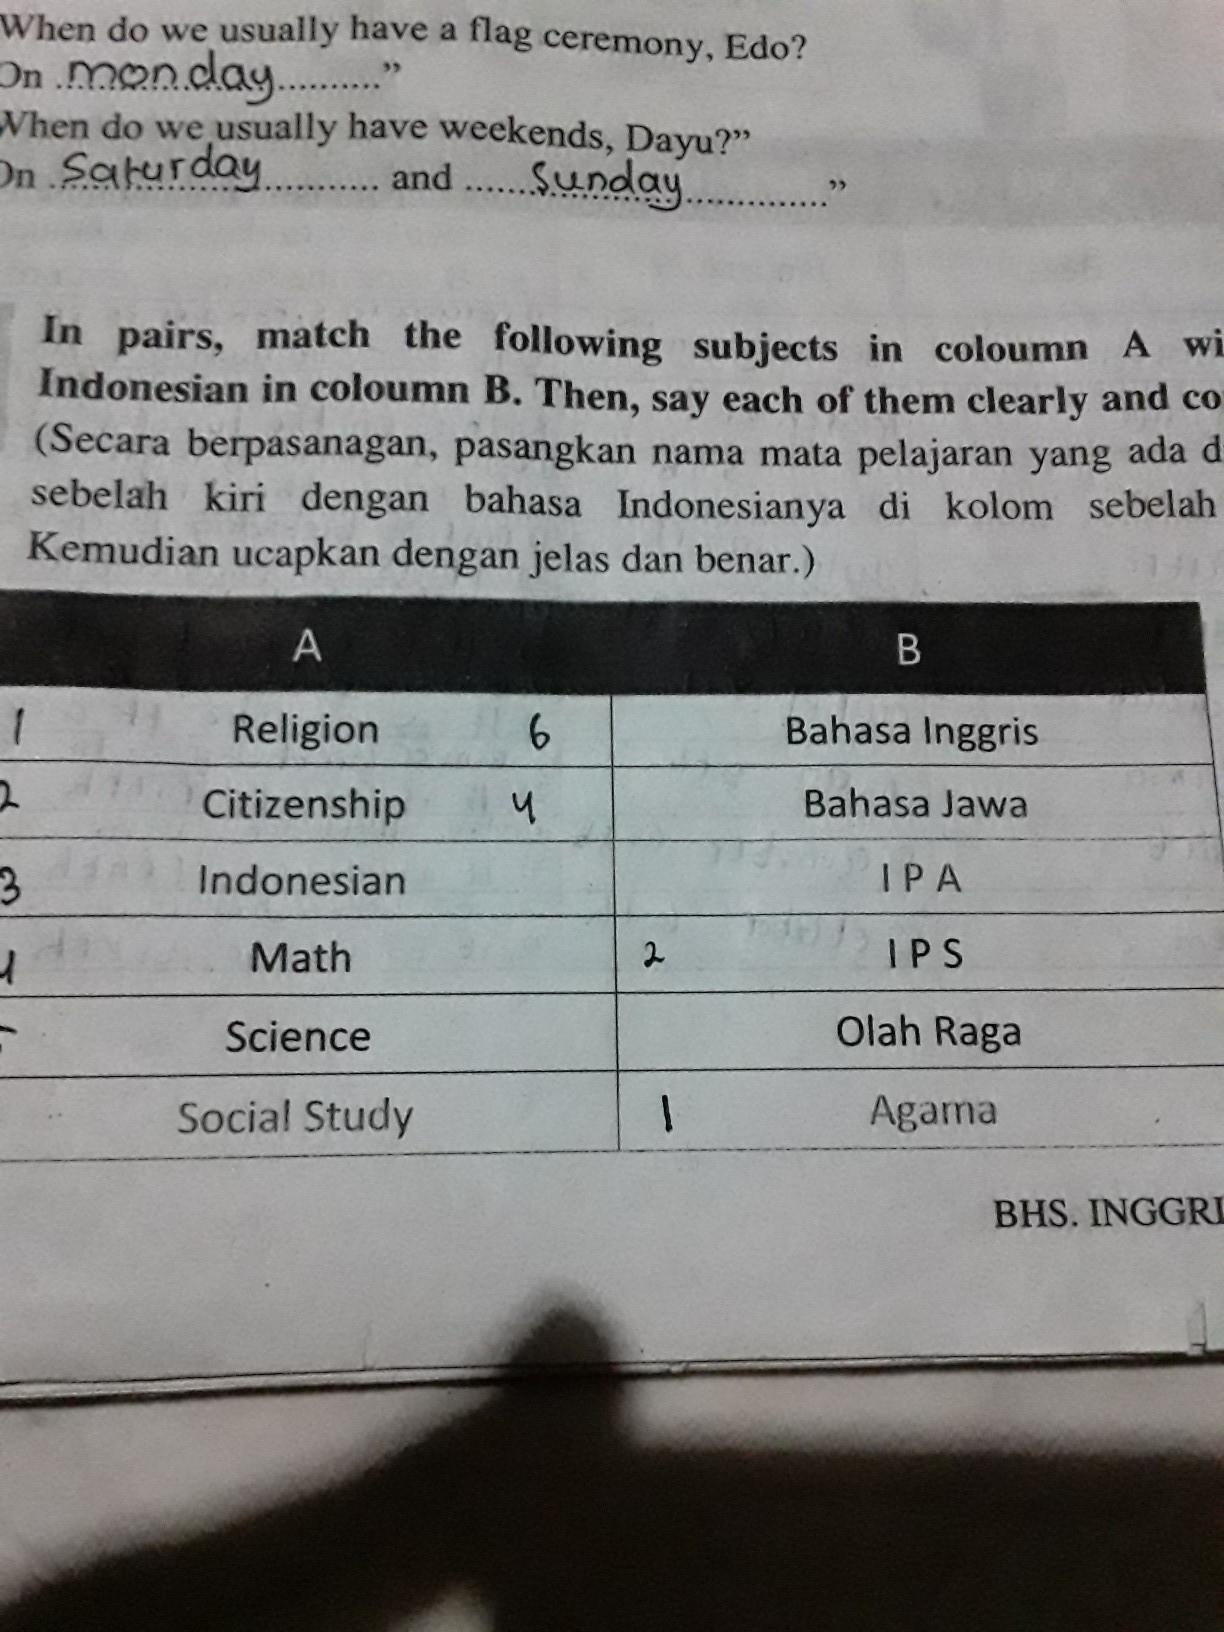 Apa Arti Dari Kata Social Study Dalam Bahasa Indonesia Brainly Co Id